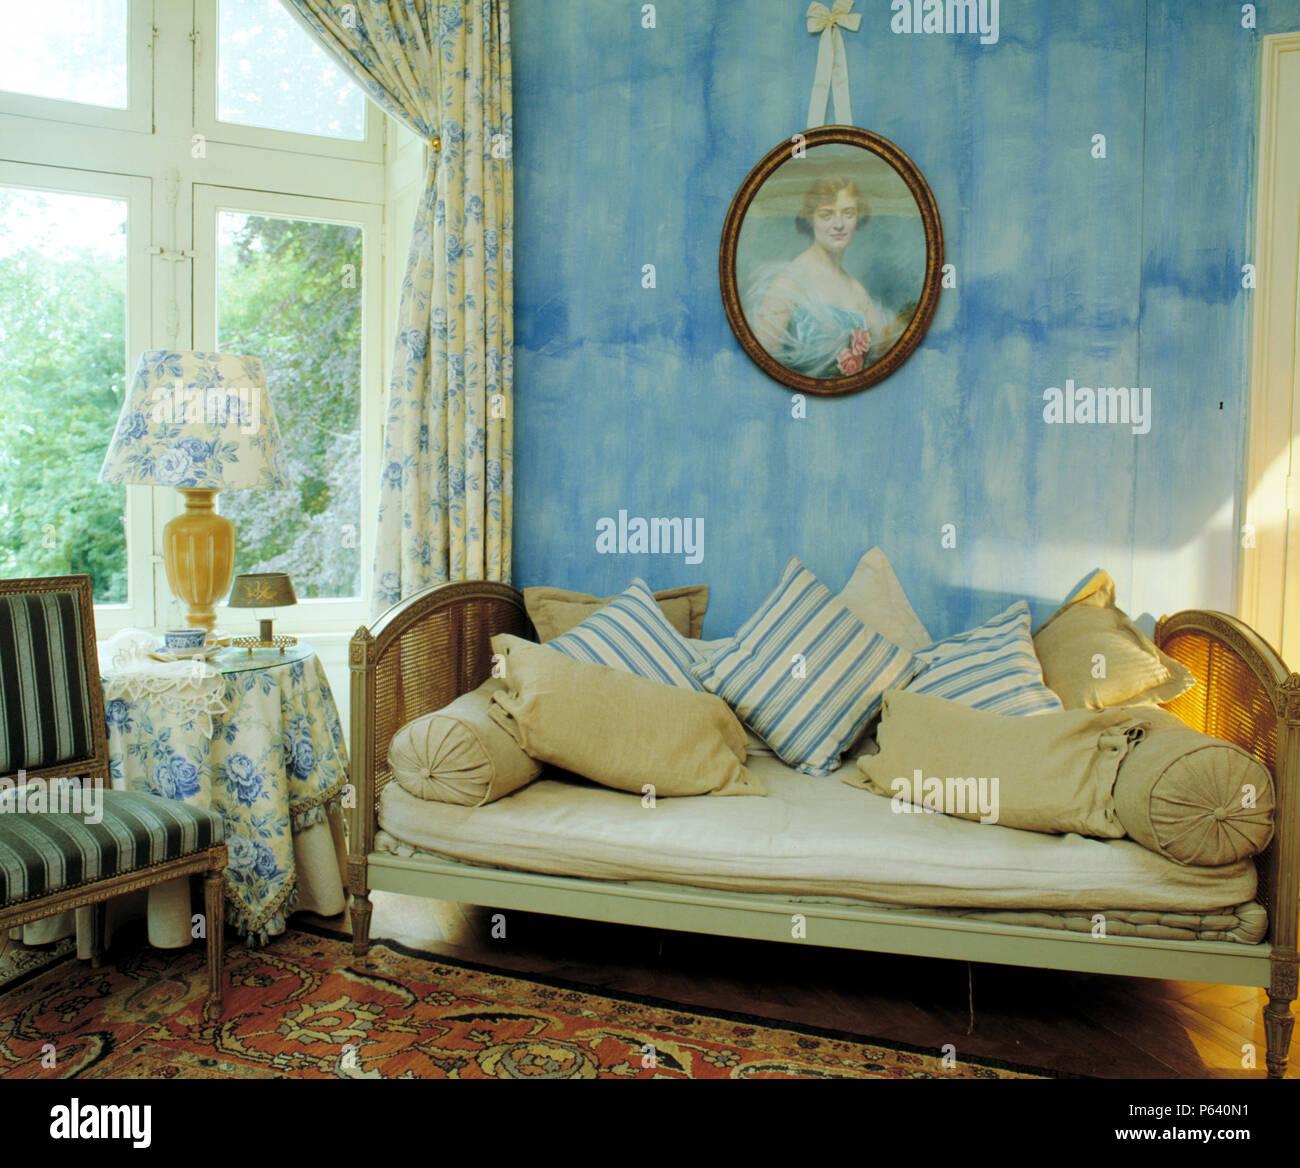 Peinture Bleu Faisant Glisser Lu0027effet Mur Avec Vintage Portrait Au Dessus  De Lit De Jour En Français En Français Salon Avec Des Rideaux Bleu